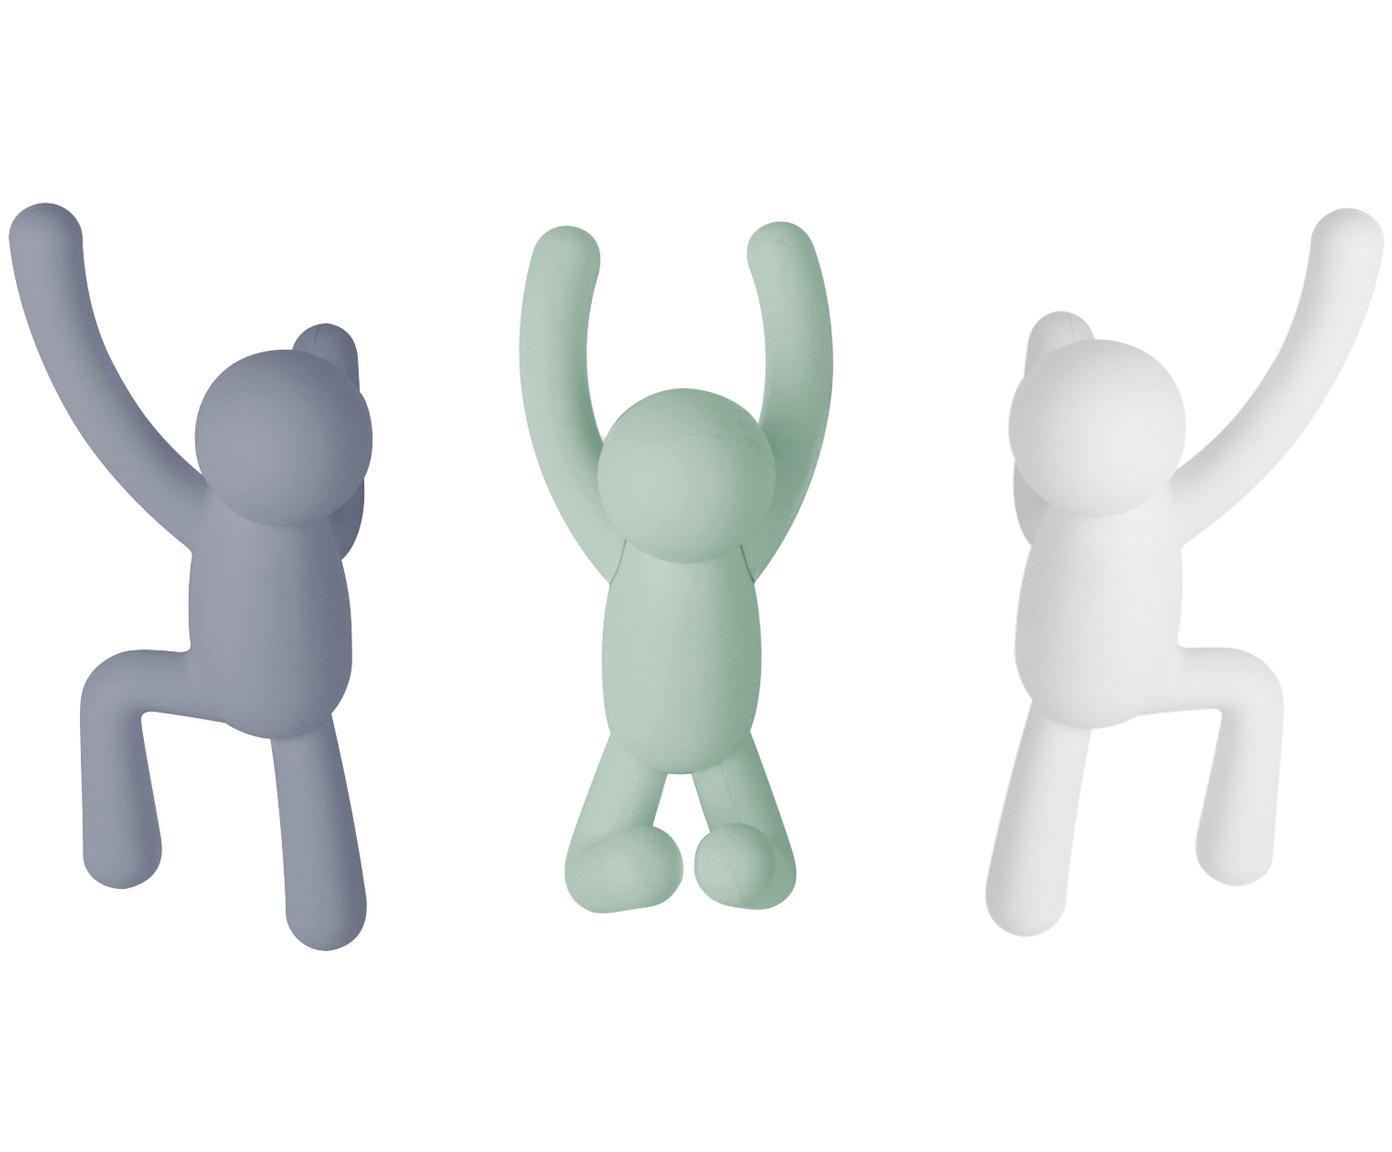 Set 3 ganci appendiabiti da parete Buddy, Materiale sintetico ABS, Blu, verde menta, bianco, Diverse dimensioni